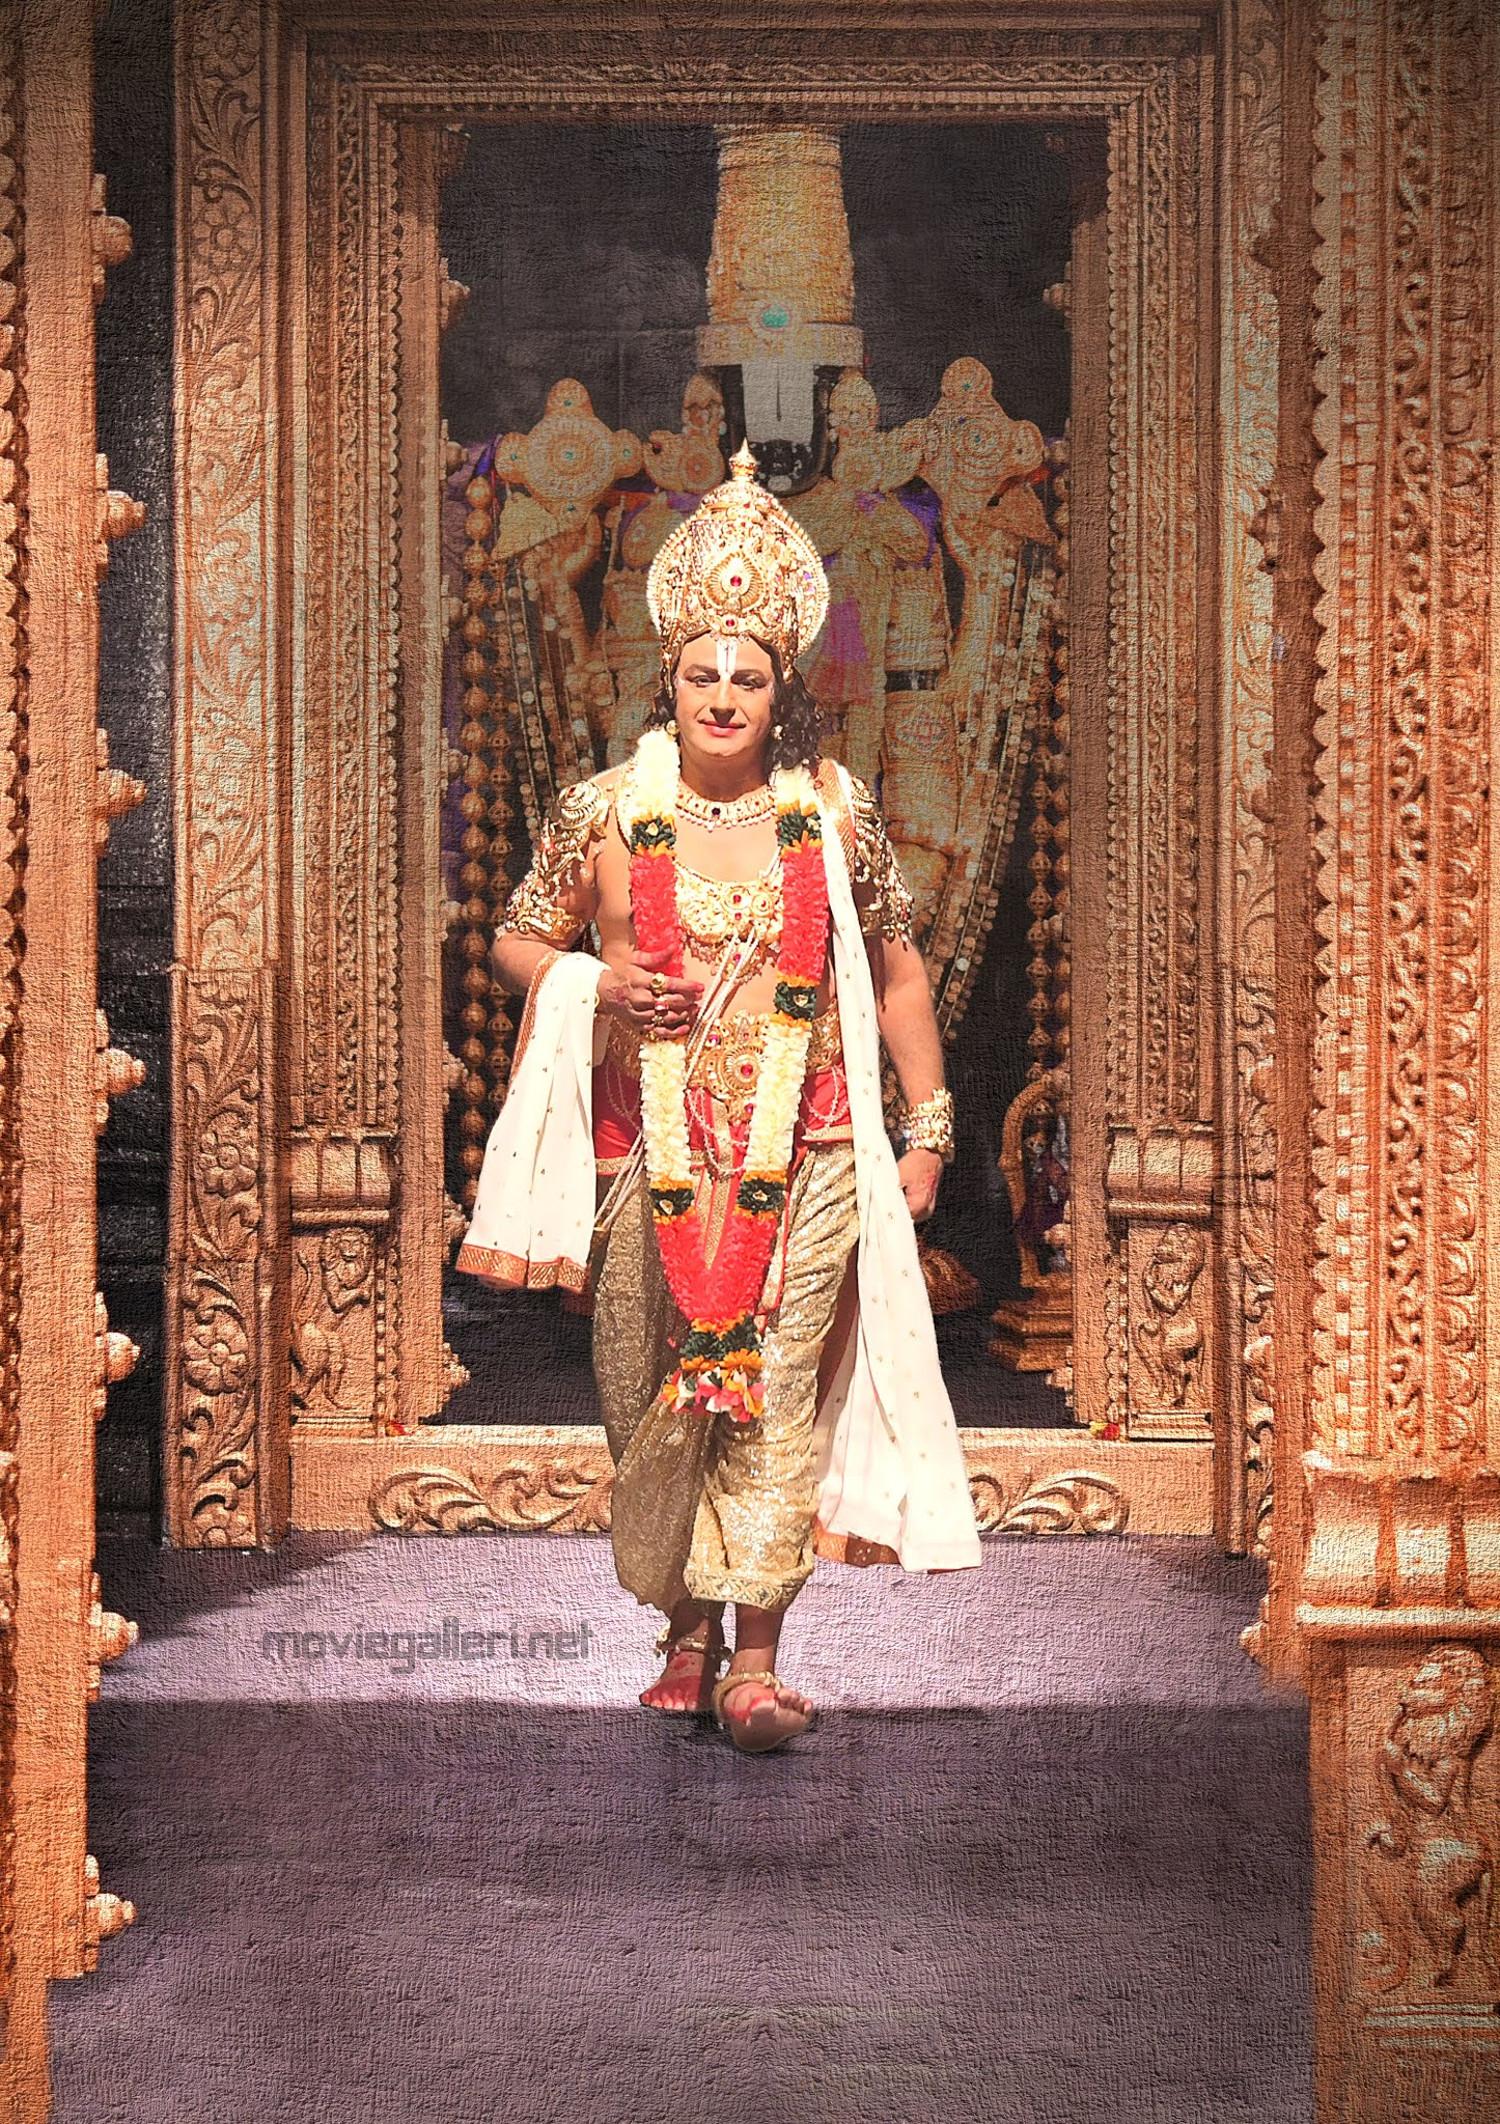 Nandamuri Balakrishna as Lord Venkateshwara from NTR Biopic HD Picture